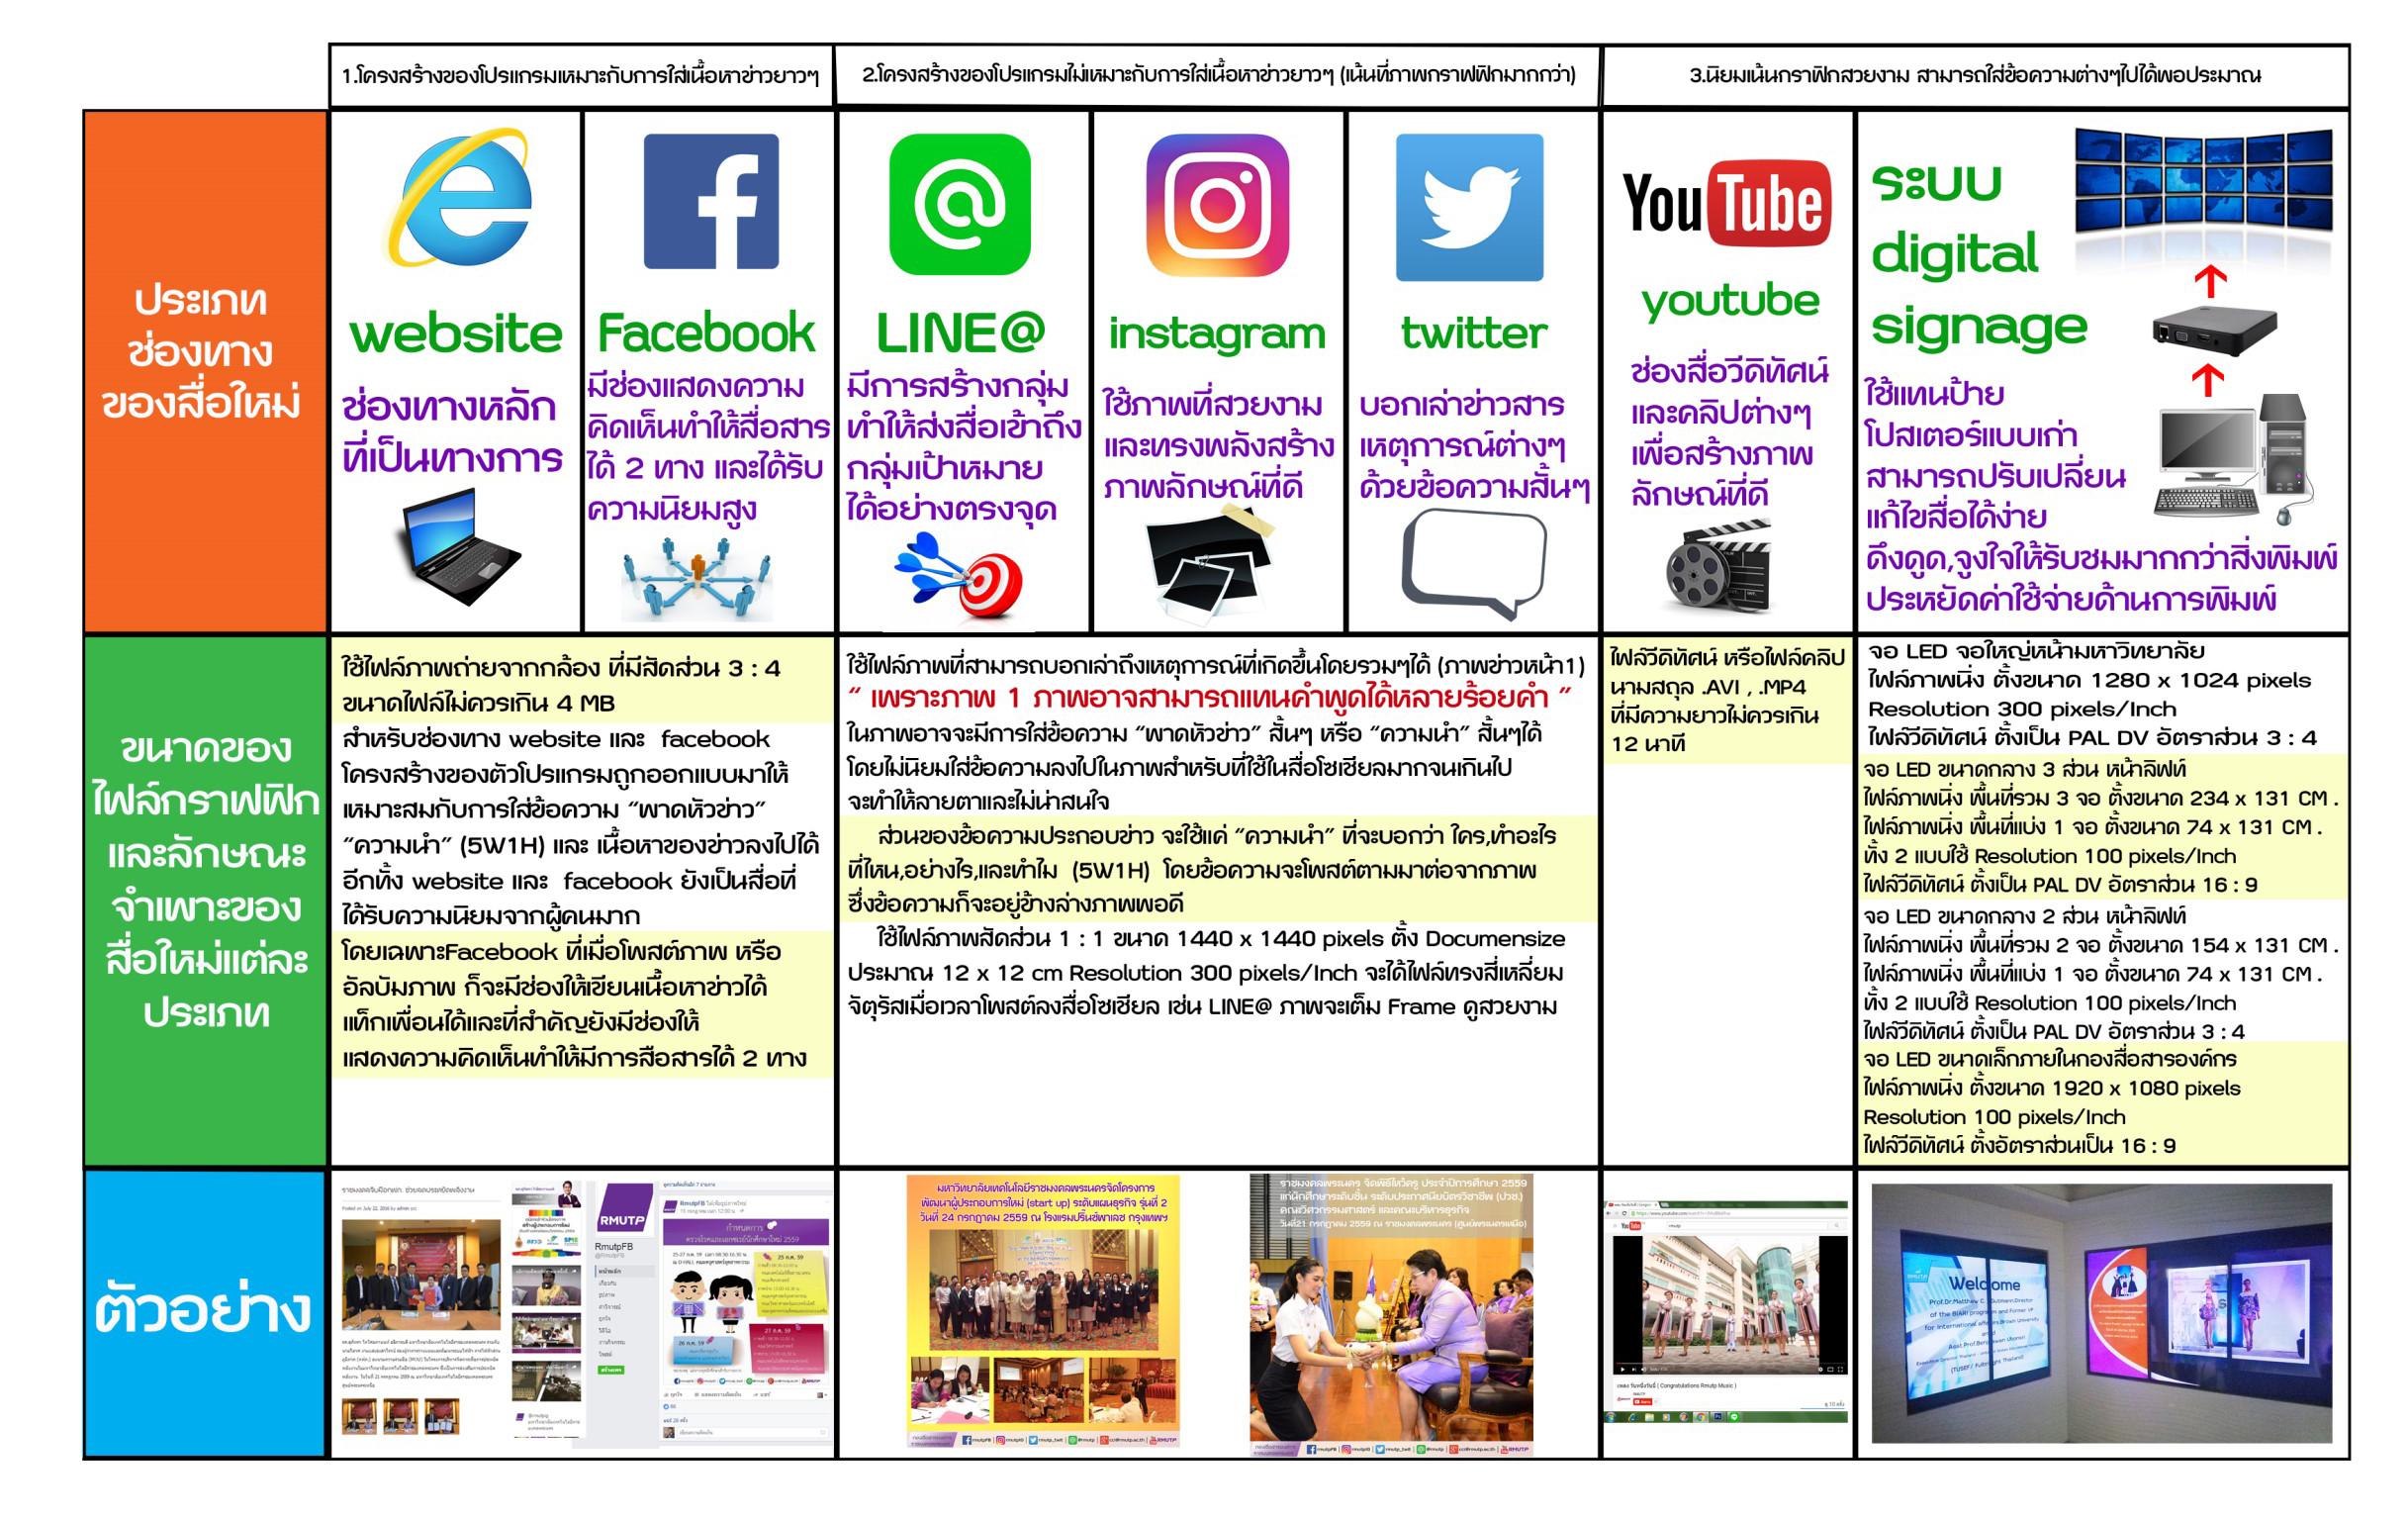 ลักษณะของสื่อใหม่ social media ประเภทต่างๆ